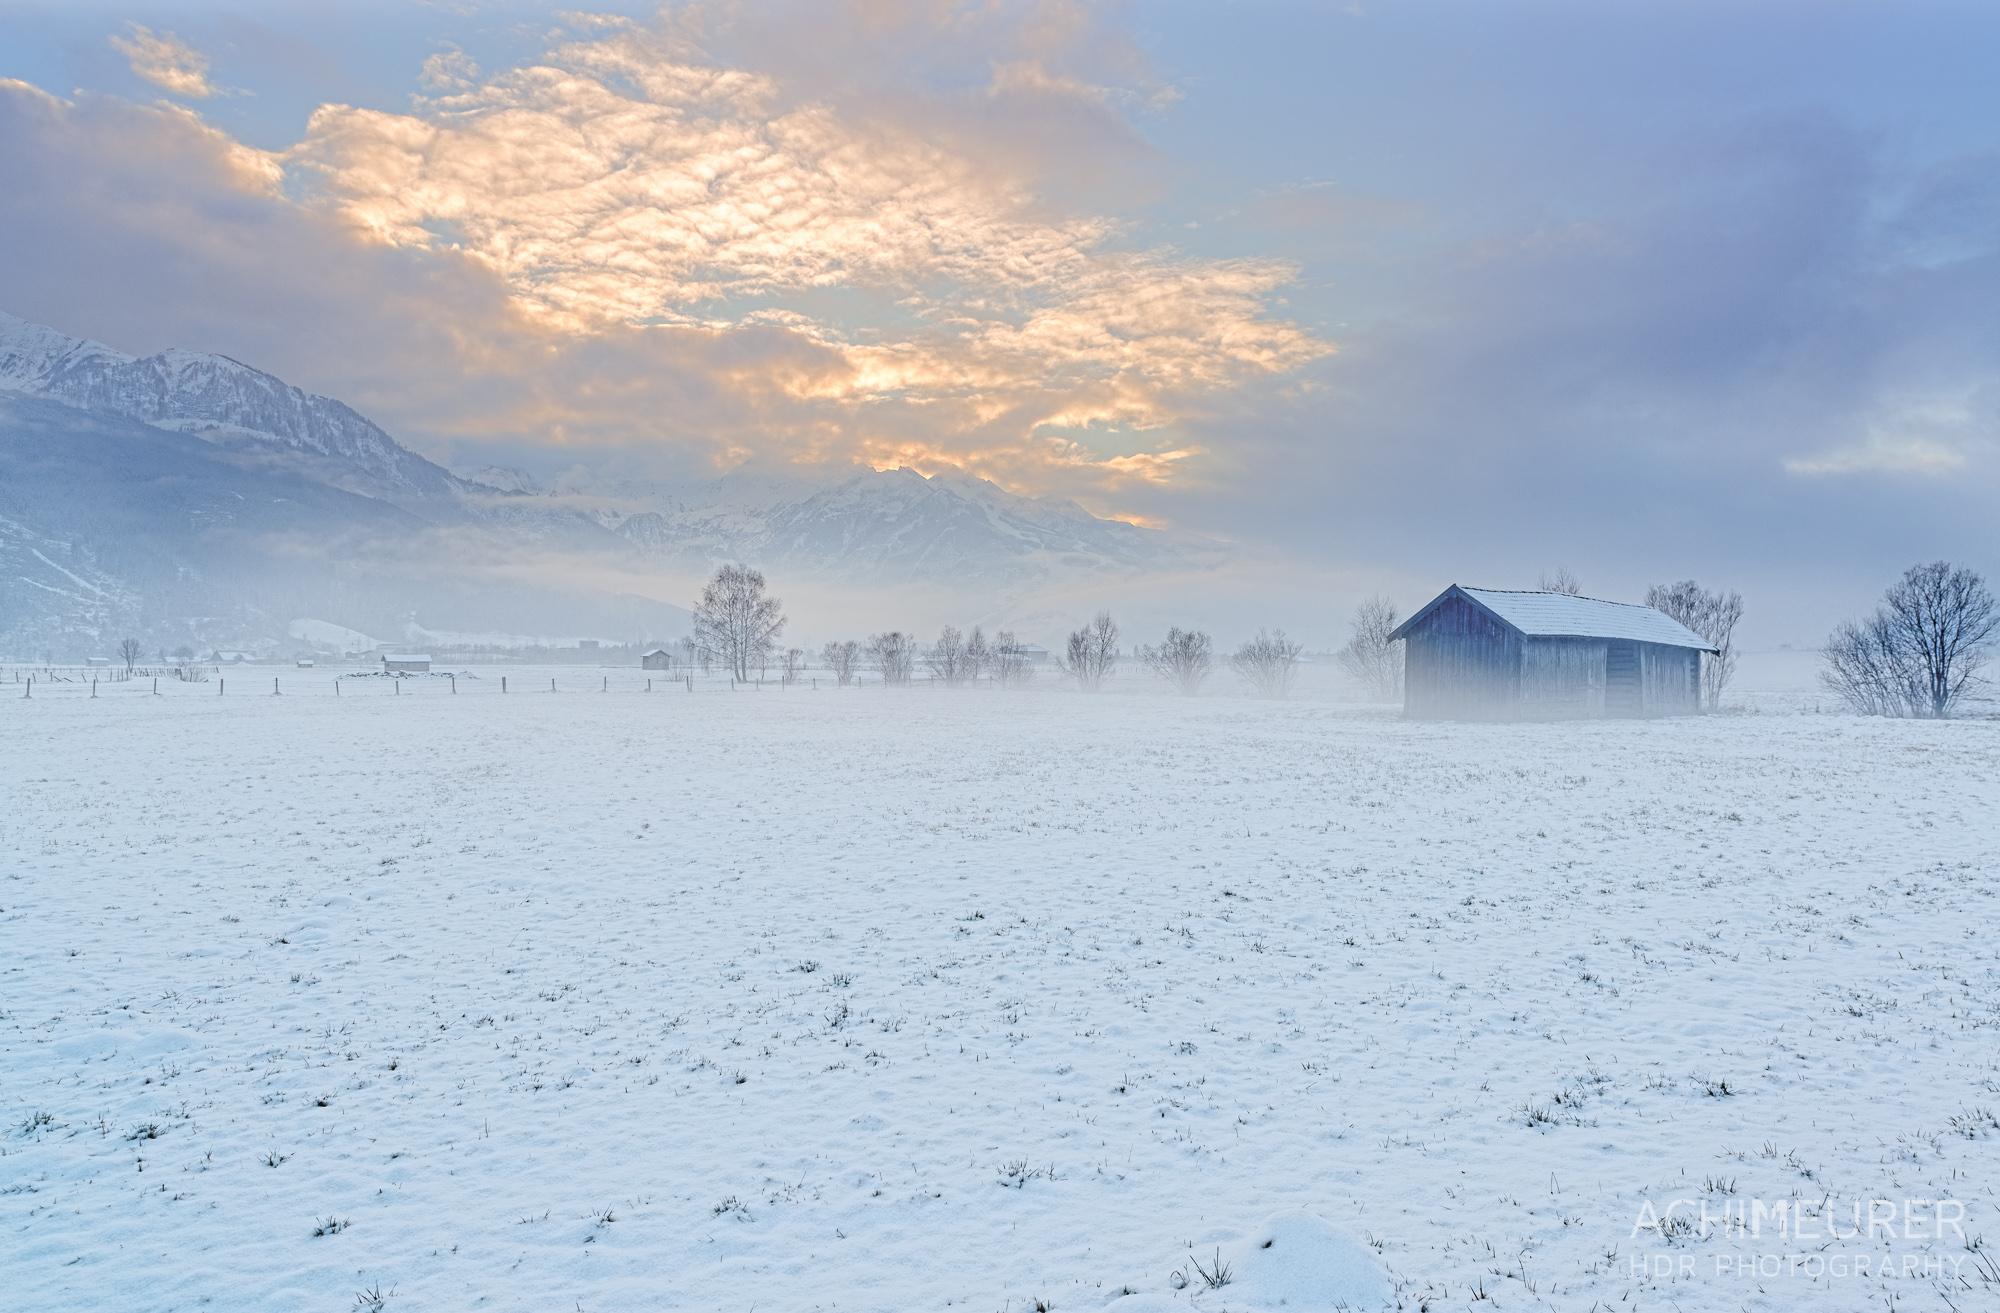 Die-schoensten-Winterfotos-Winterlandschaft-39 by Achim Meurer.